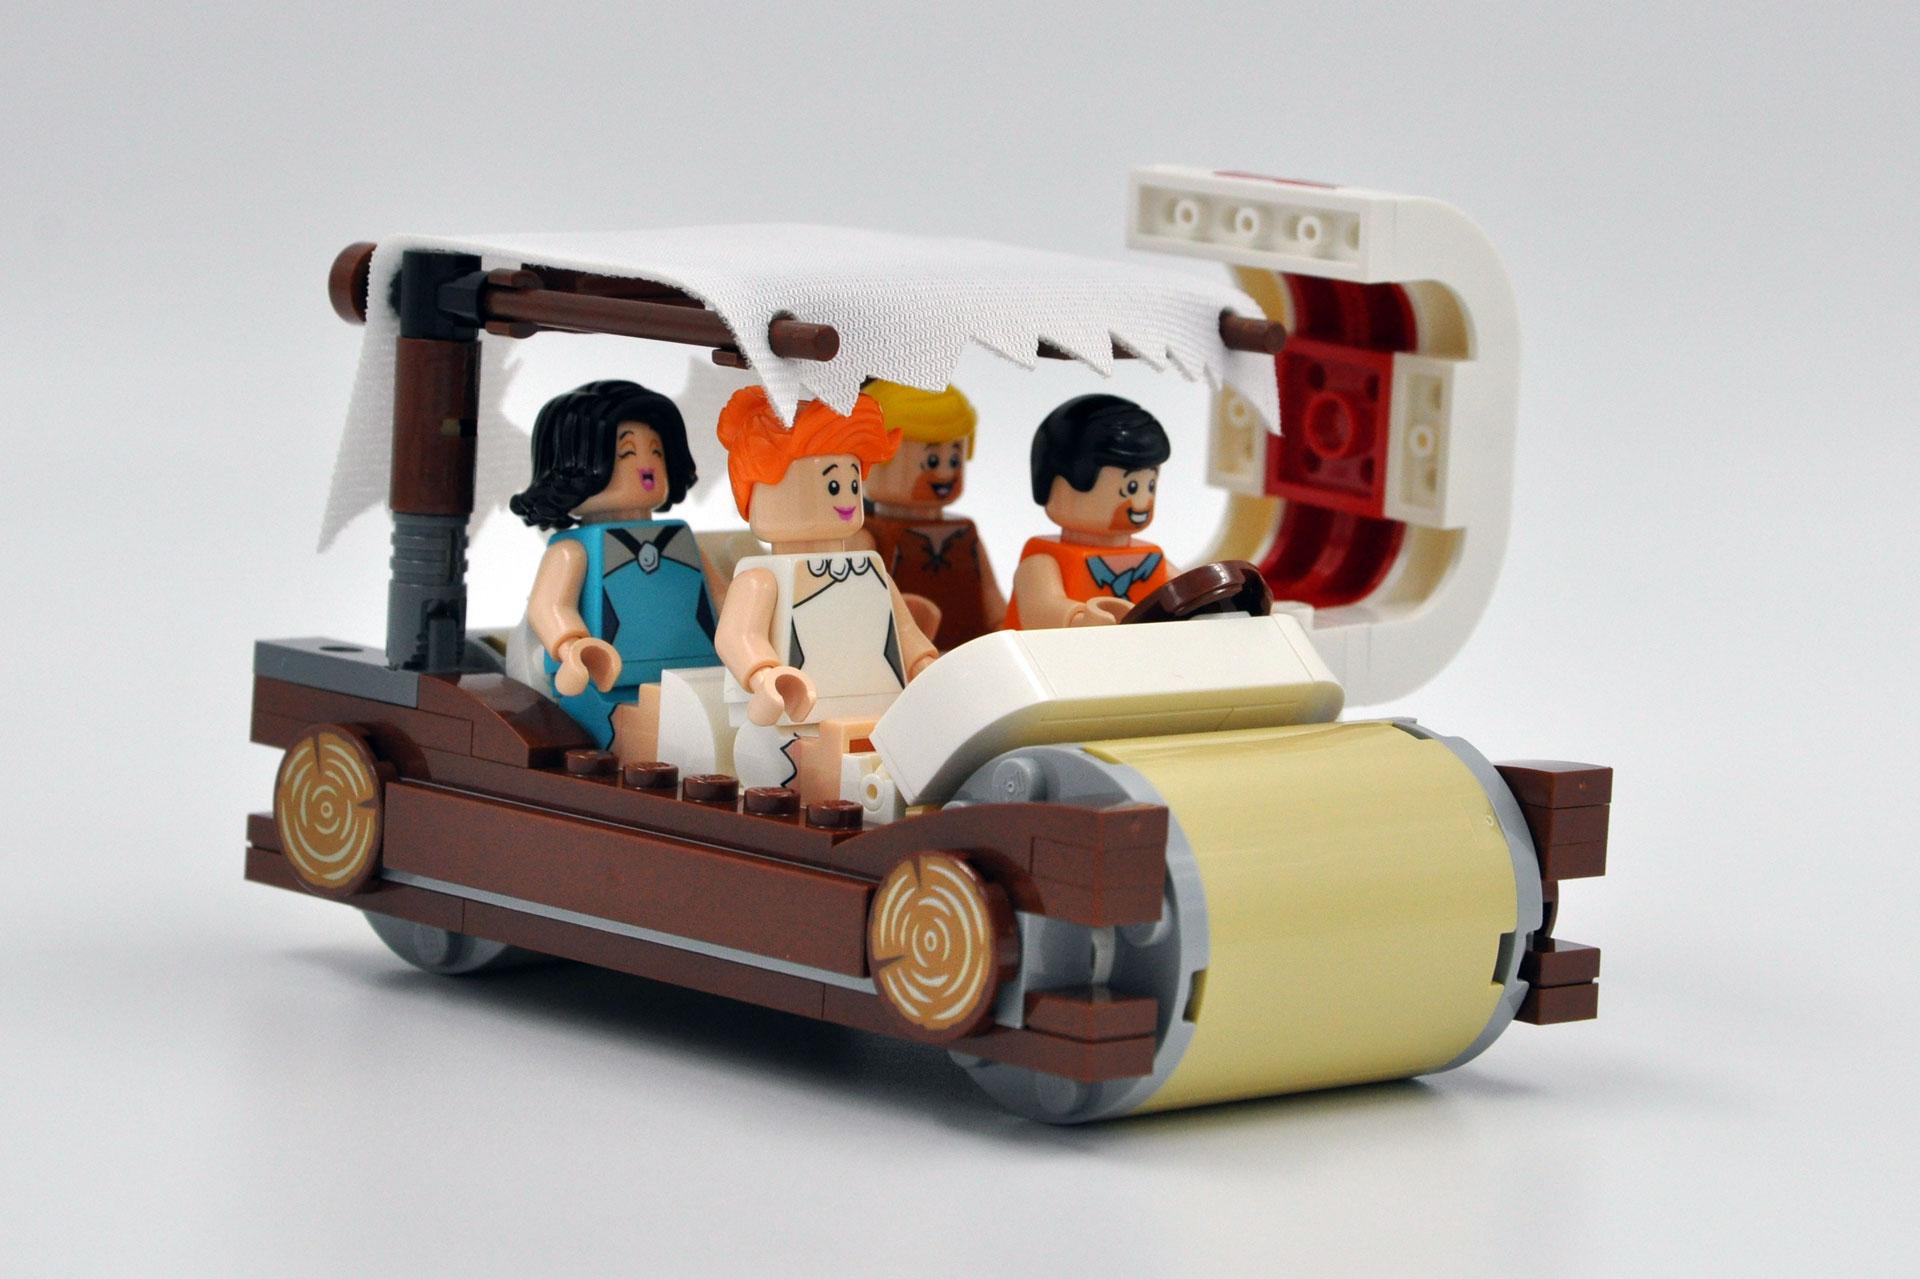 LEGO 21316 The Flintstones - Auto